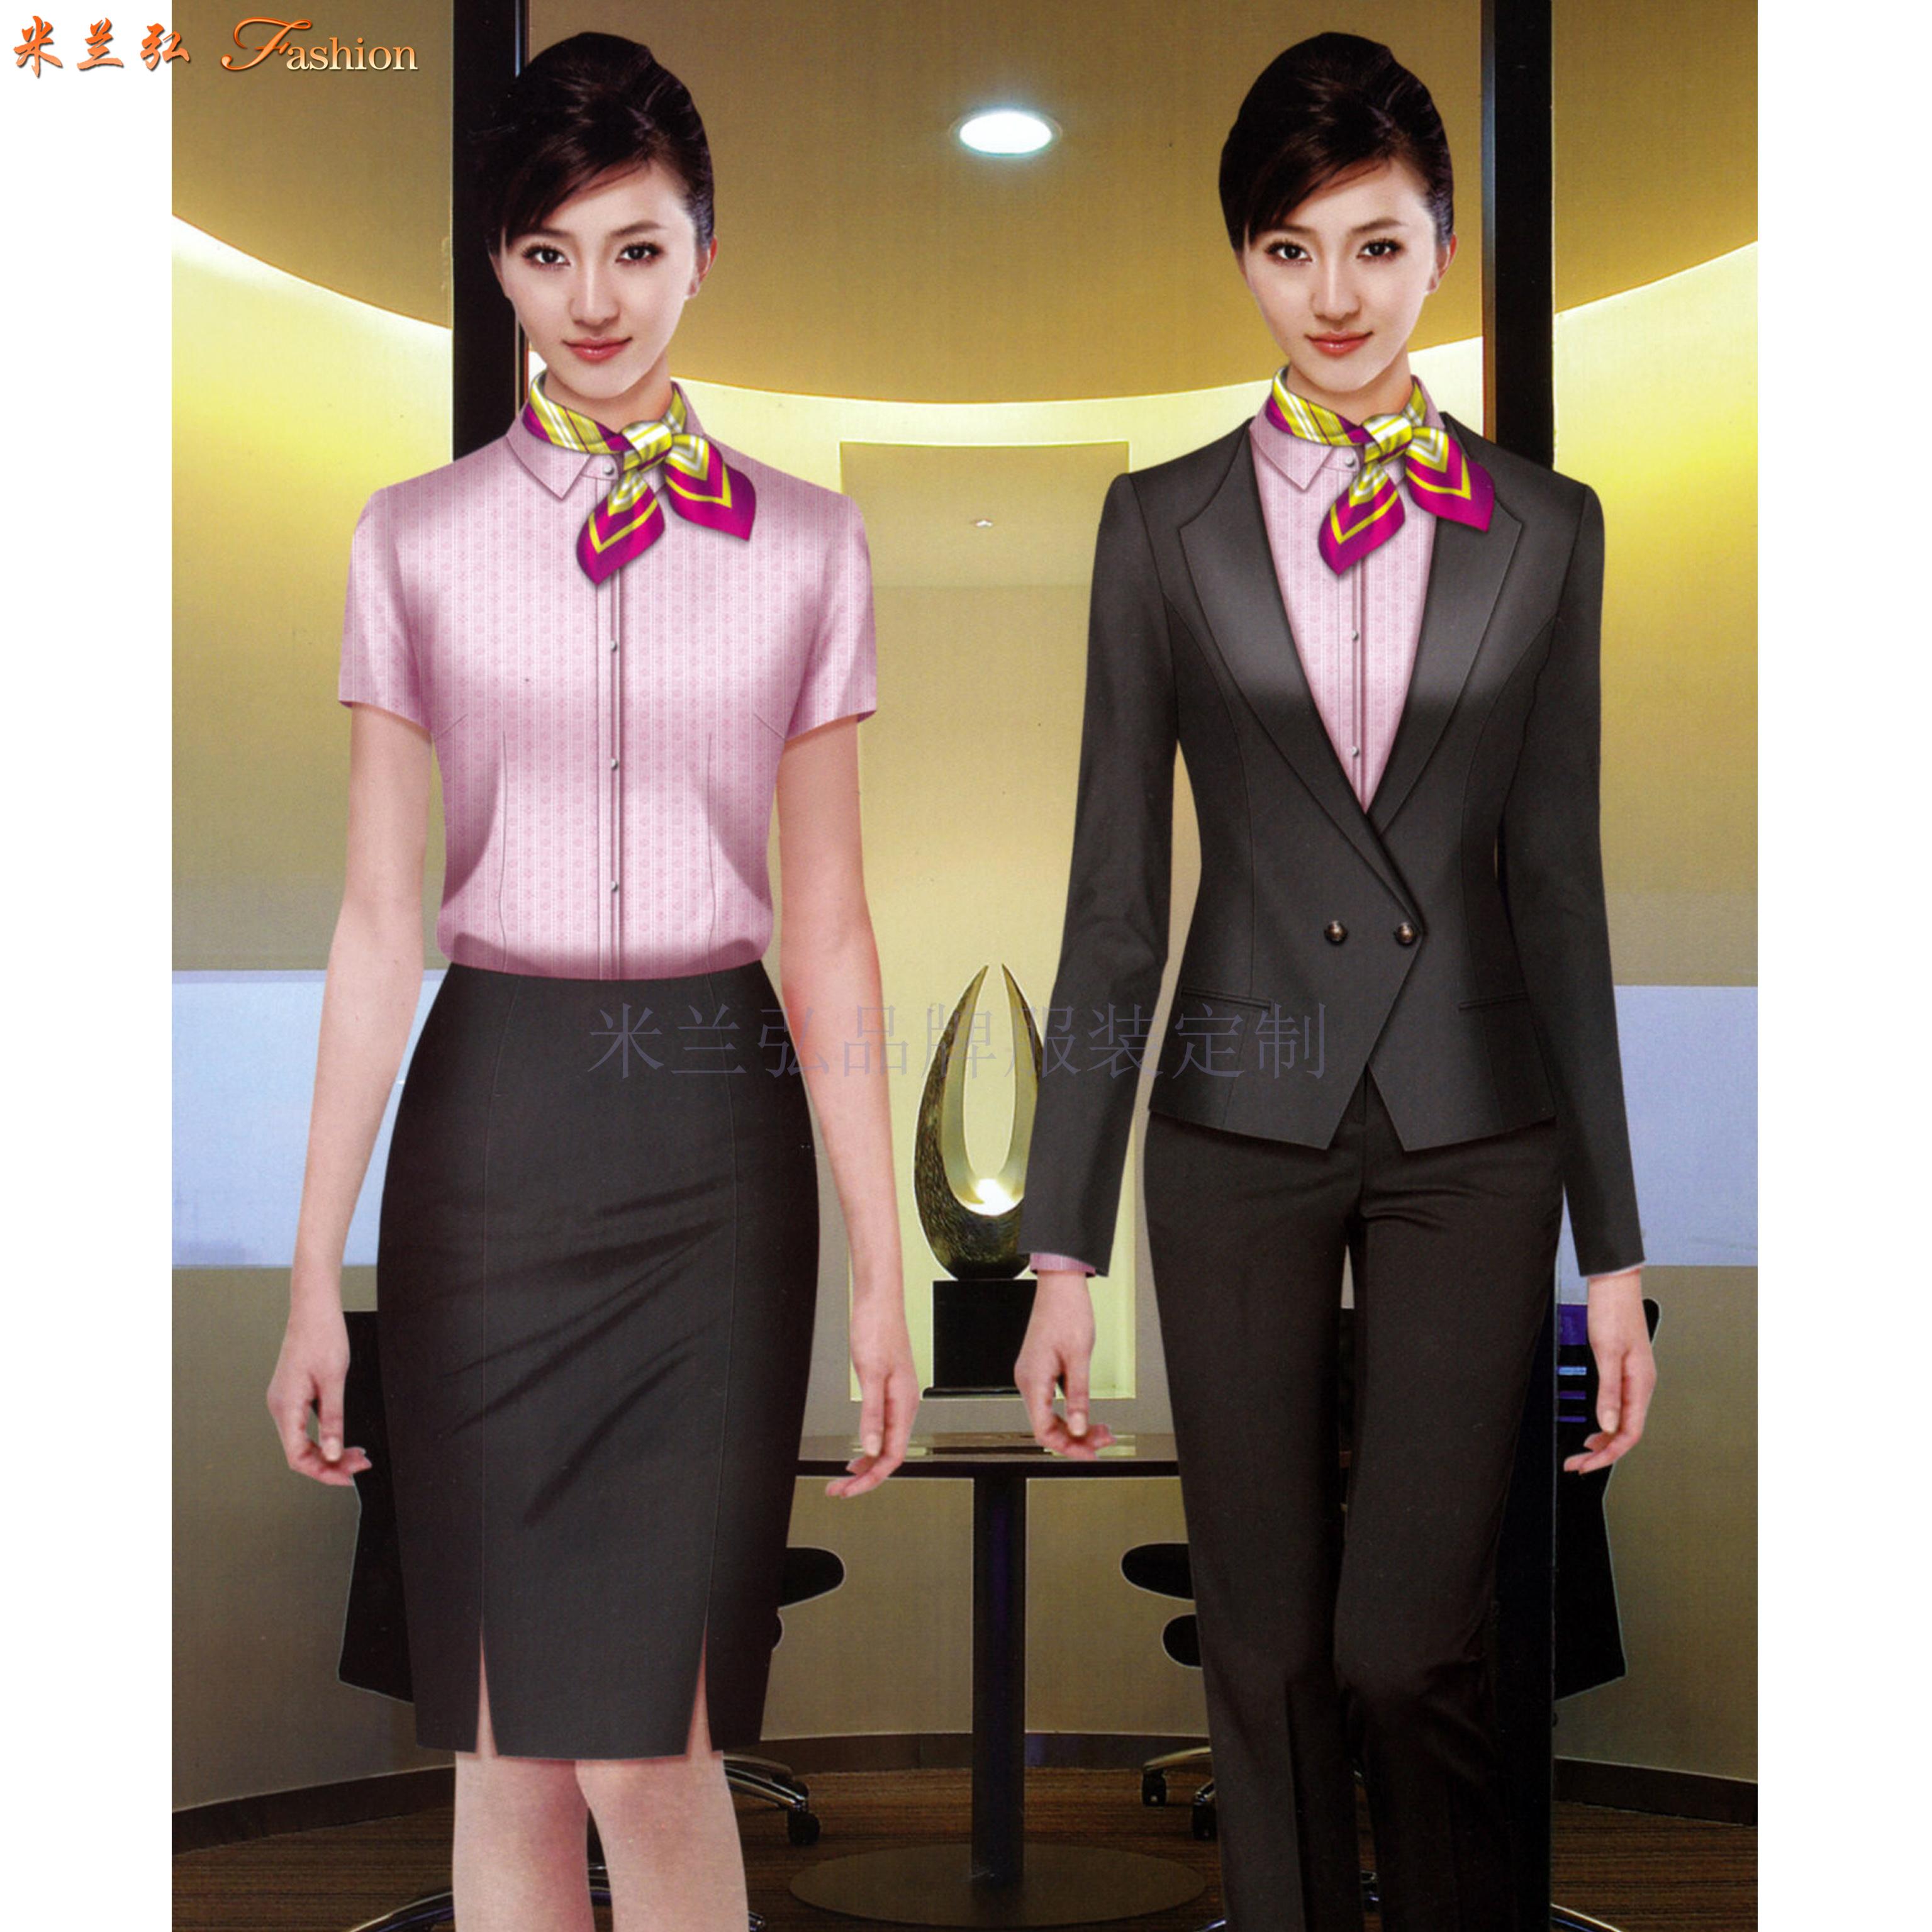 「北京西服定製團購」專業訂製企事業單位正裝西服-湖北快3服裝-3